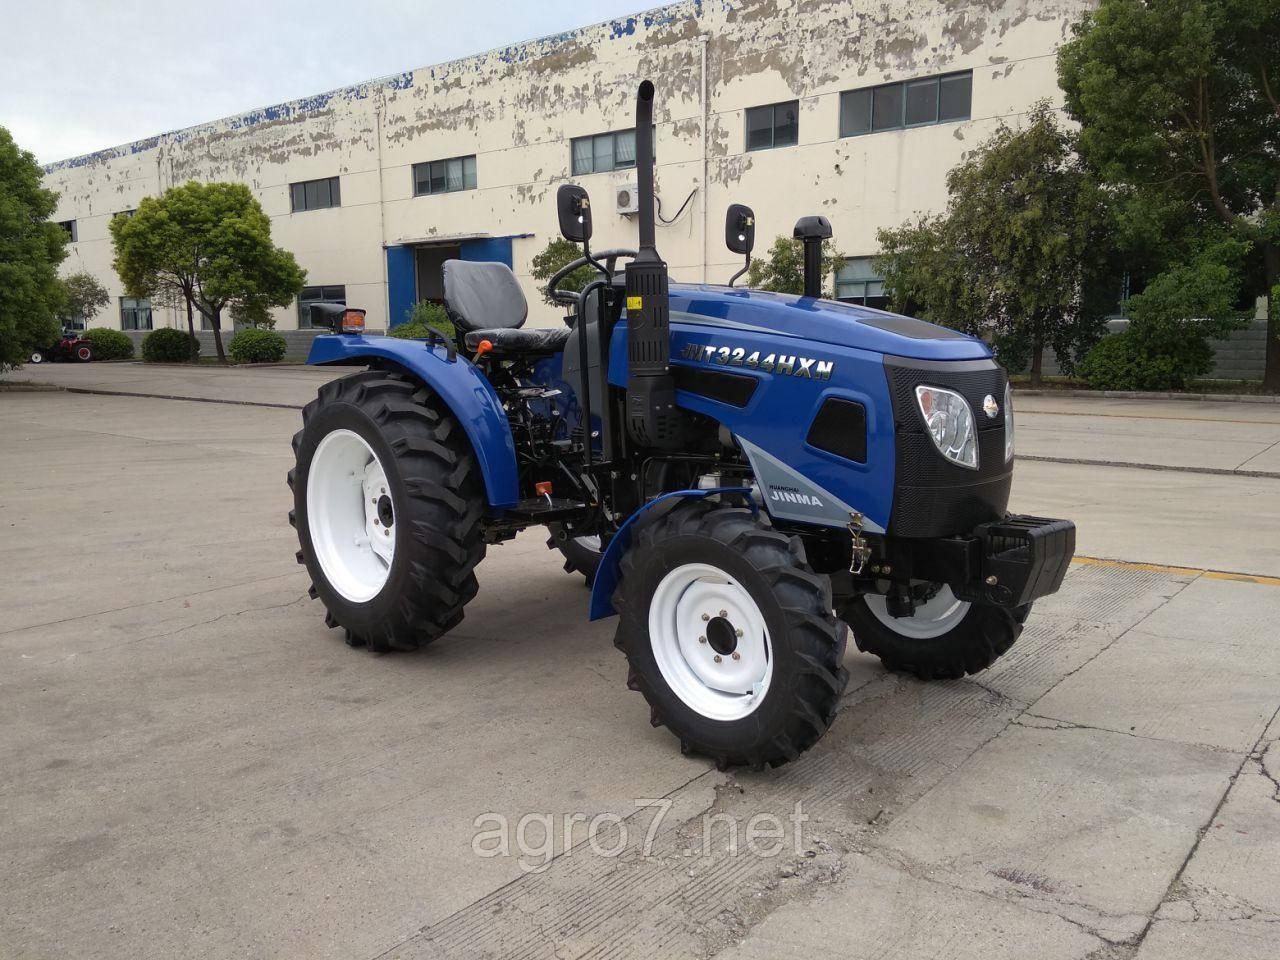 Трактор с доставкой JINMA JMT3244HXN (3 цил., 24л.с. 2019г)